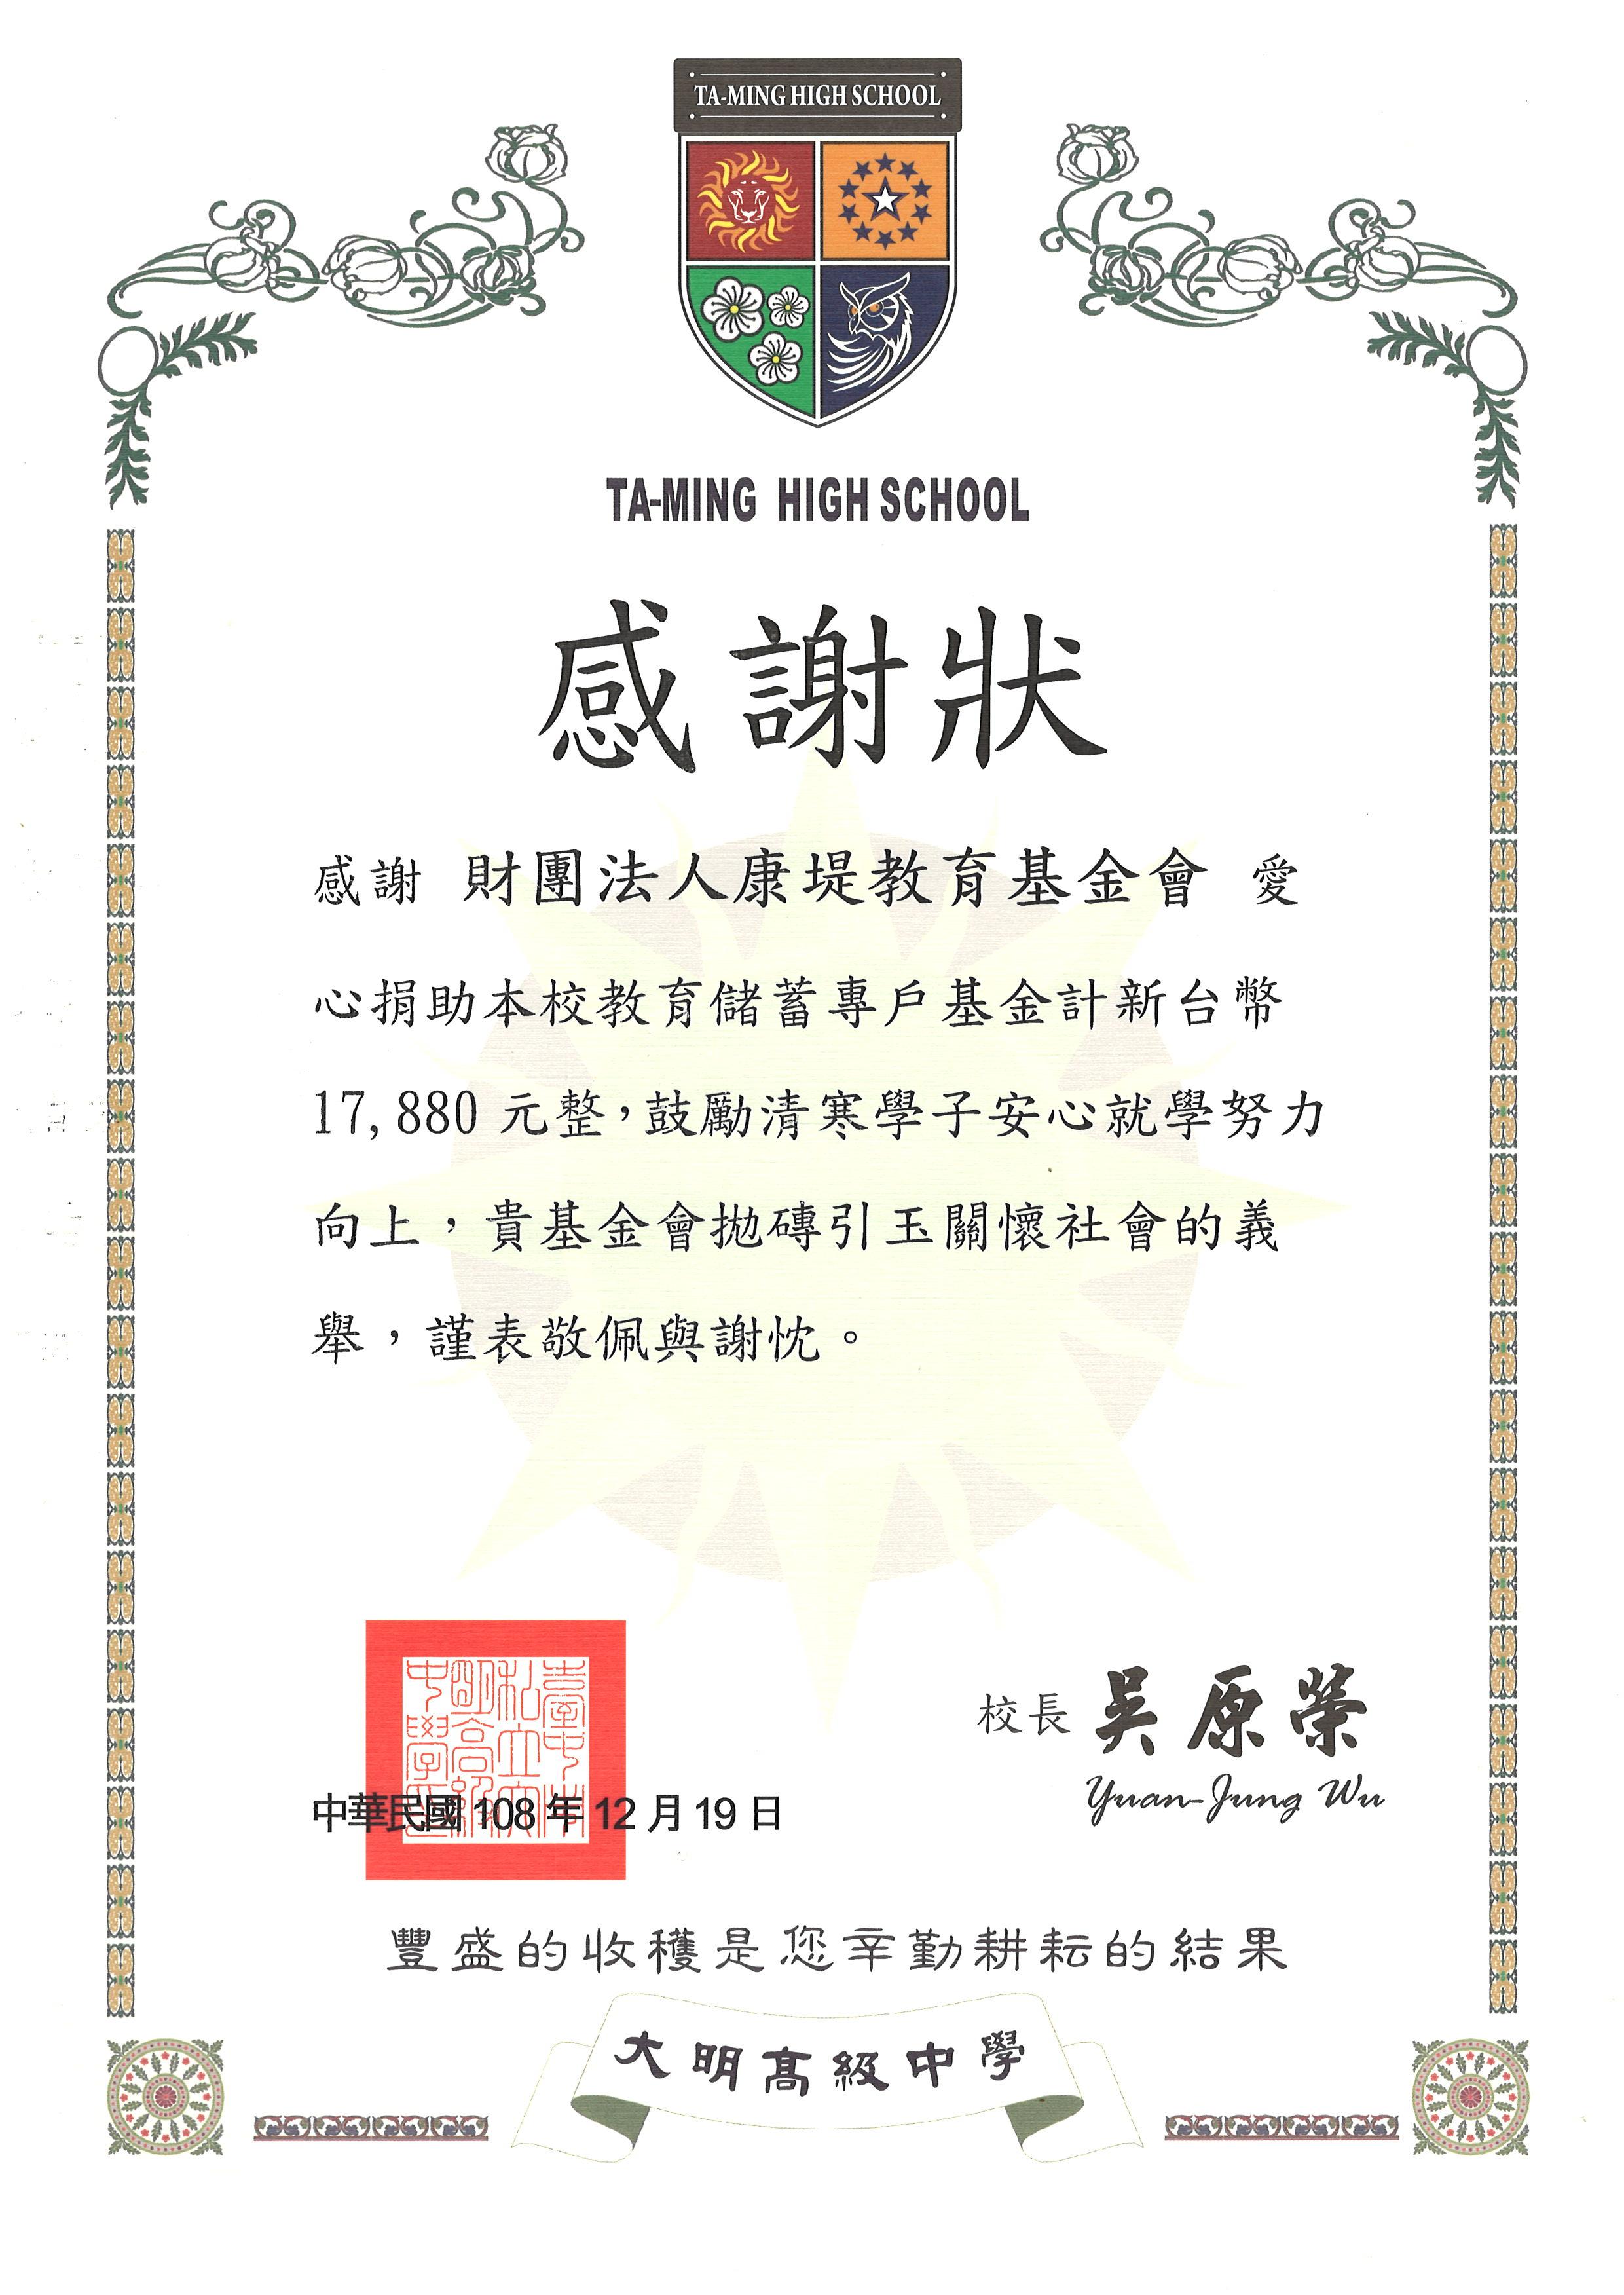 康堤2019年捐助 大明高級中學 (教育儲續戶) 1萬7千8百元整。